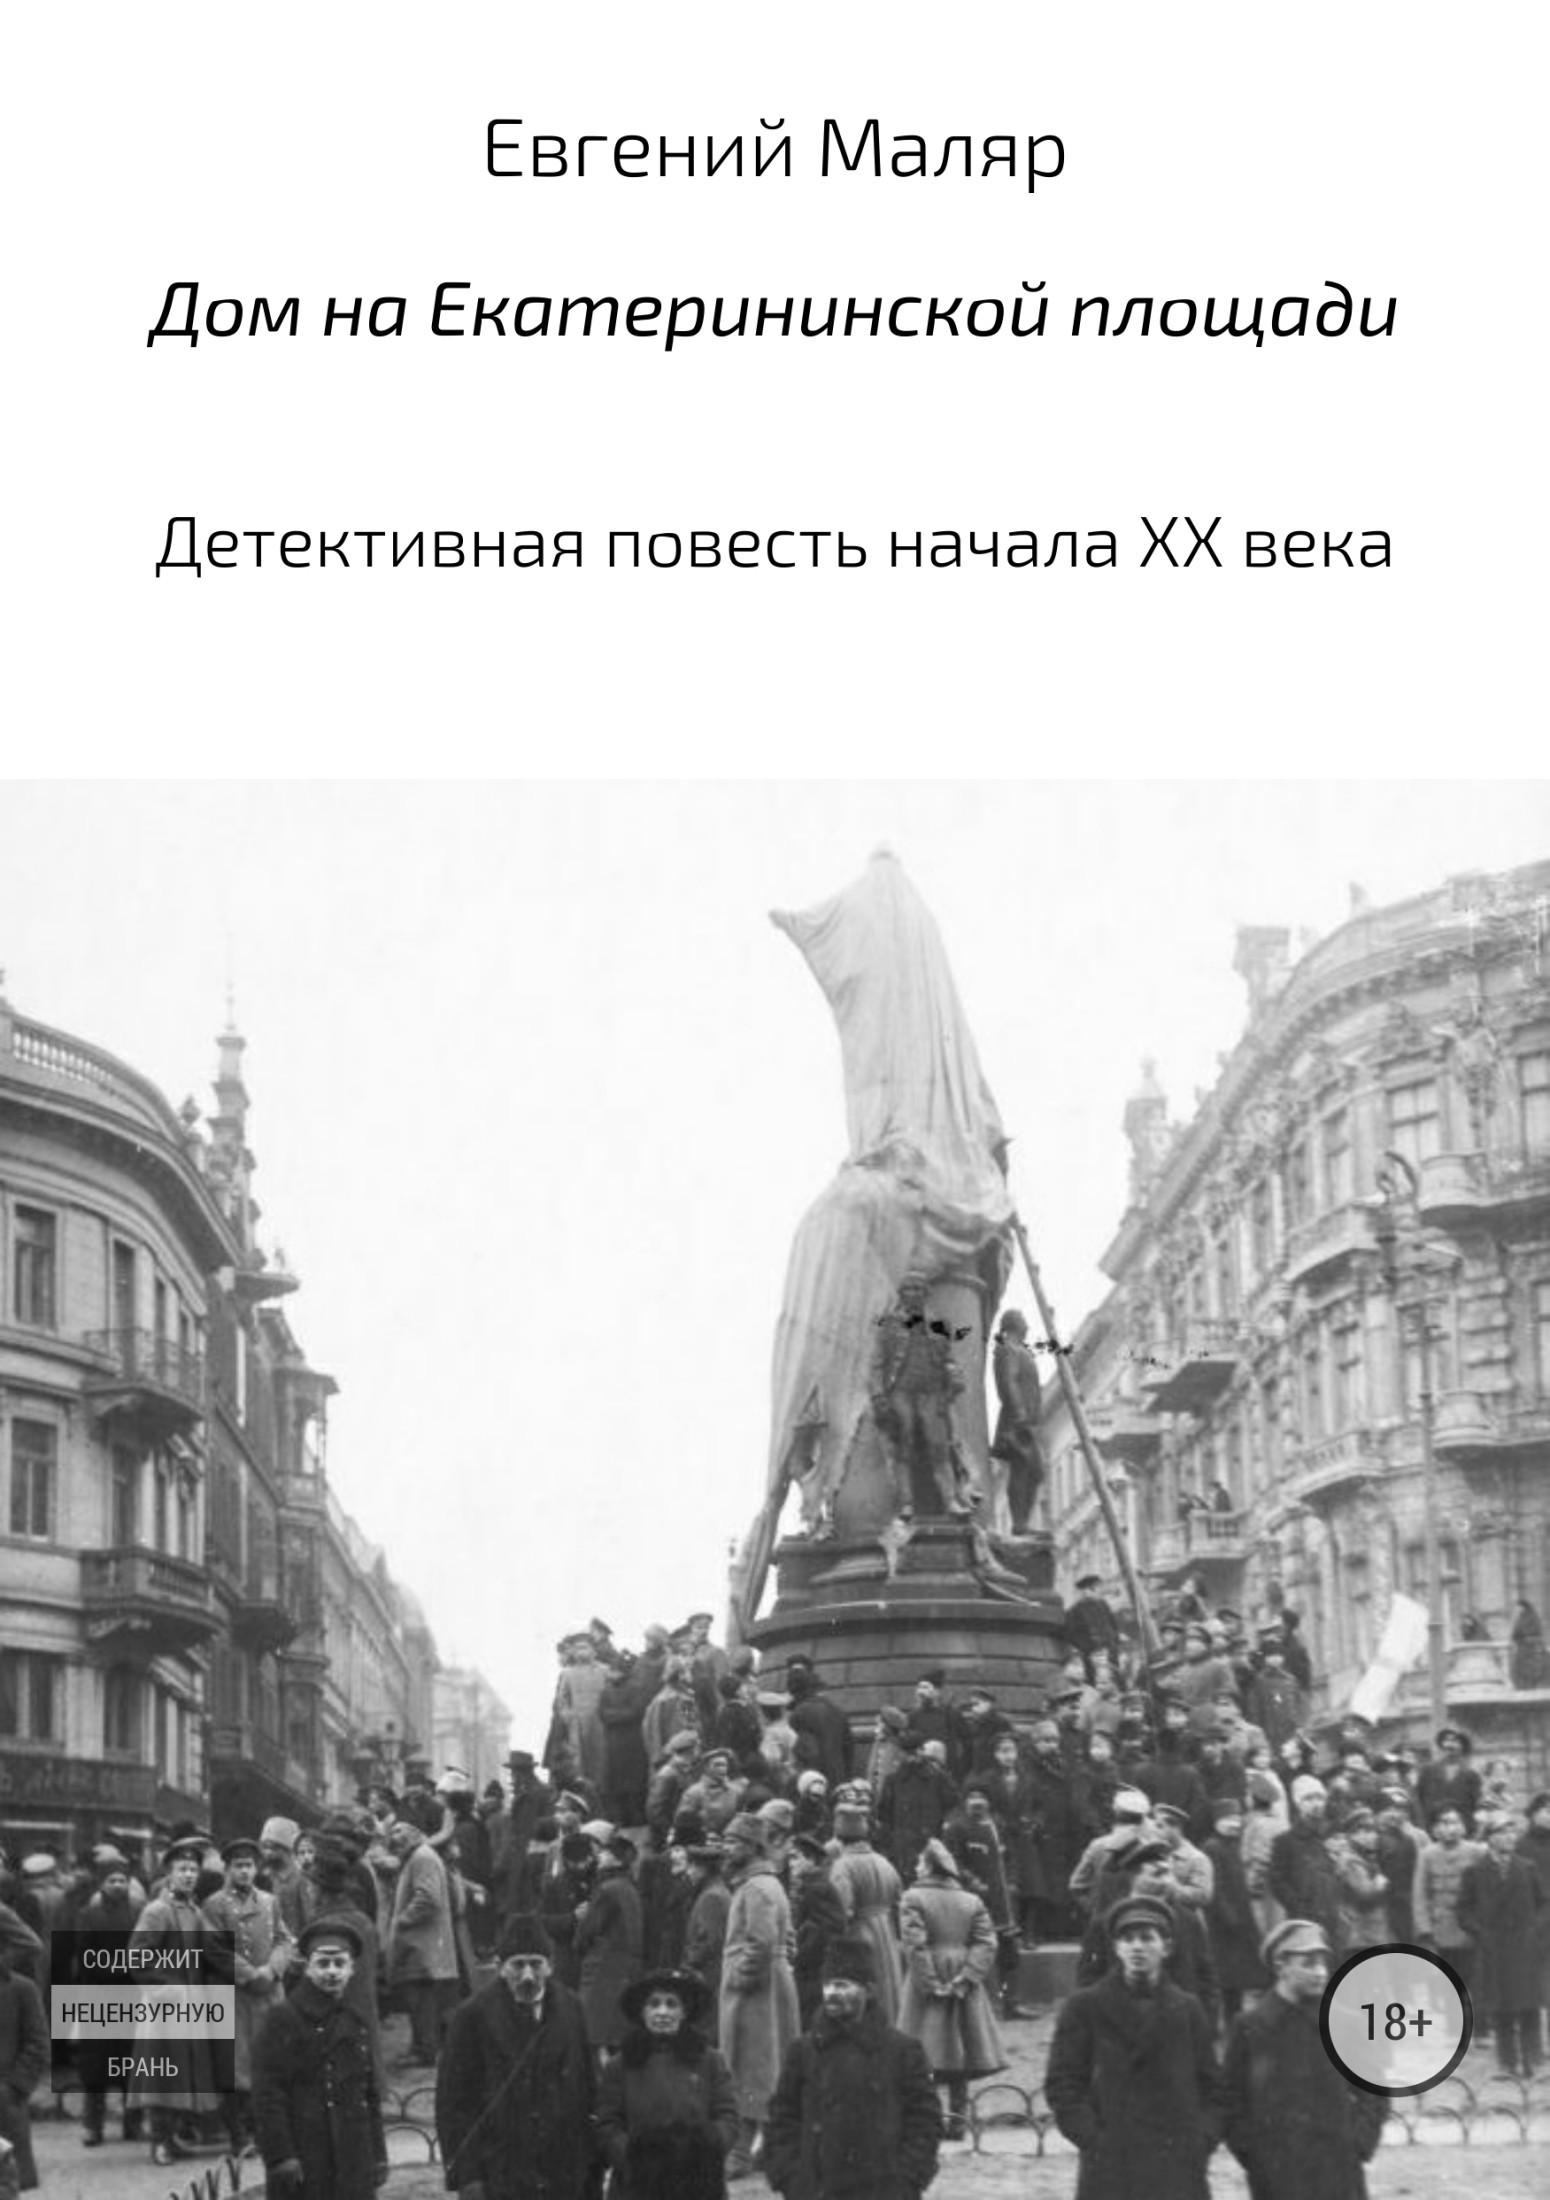 Дом на Екатерининской площади. Детективная повесть начала XX века